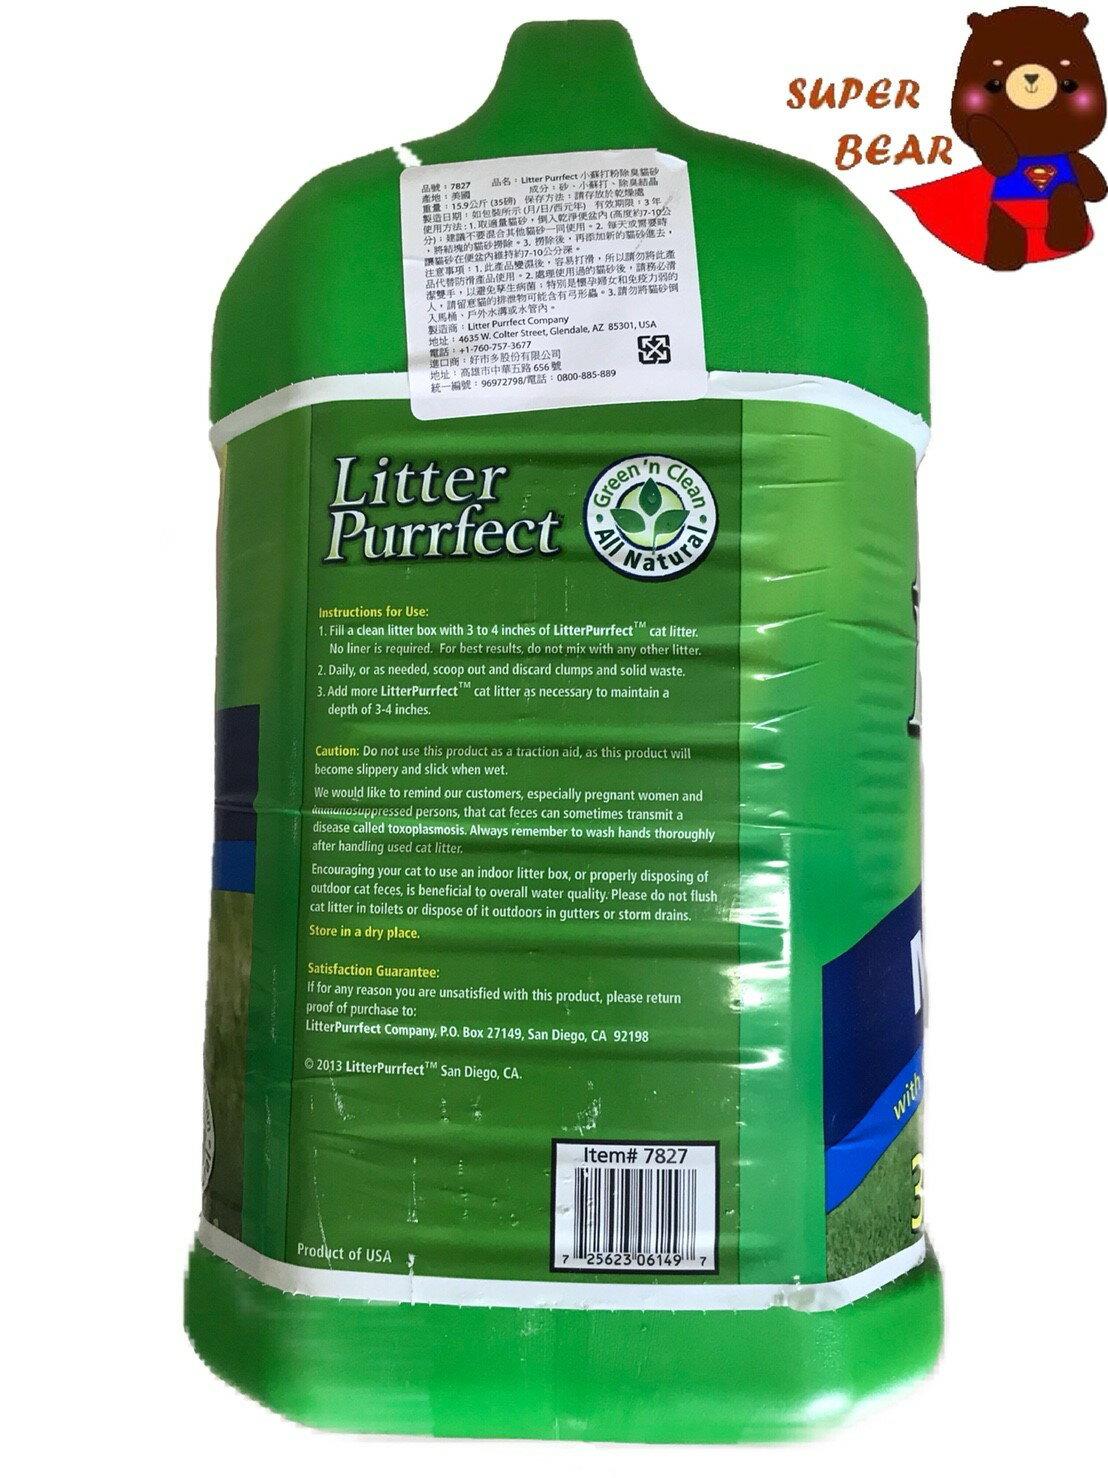 預購中- 貓砂 Litter purrfect 小蘇打粉除臭貓砂 15.9公斤 綠桶 好市多貓砂 限宅配